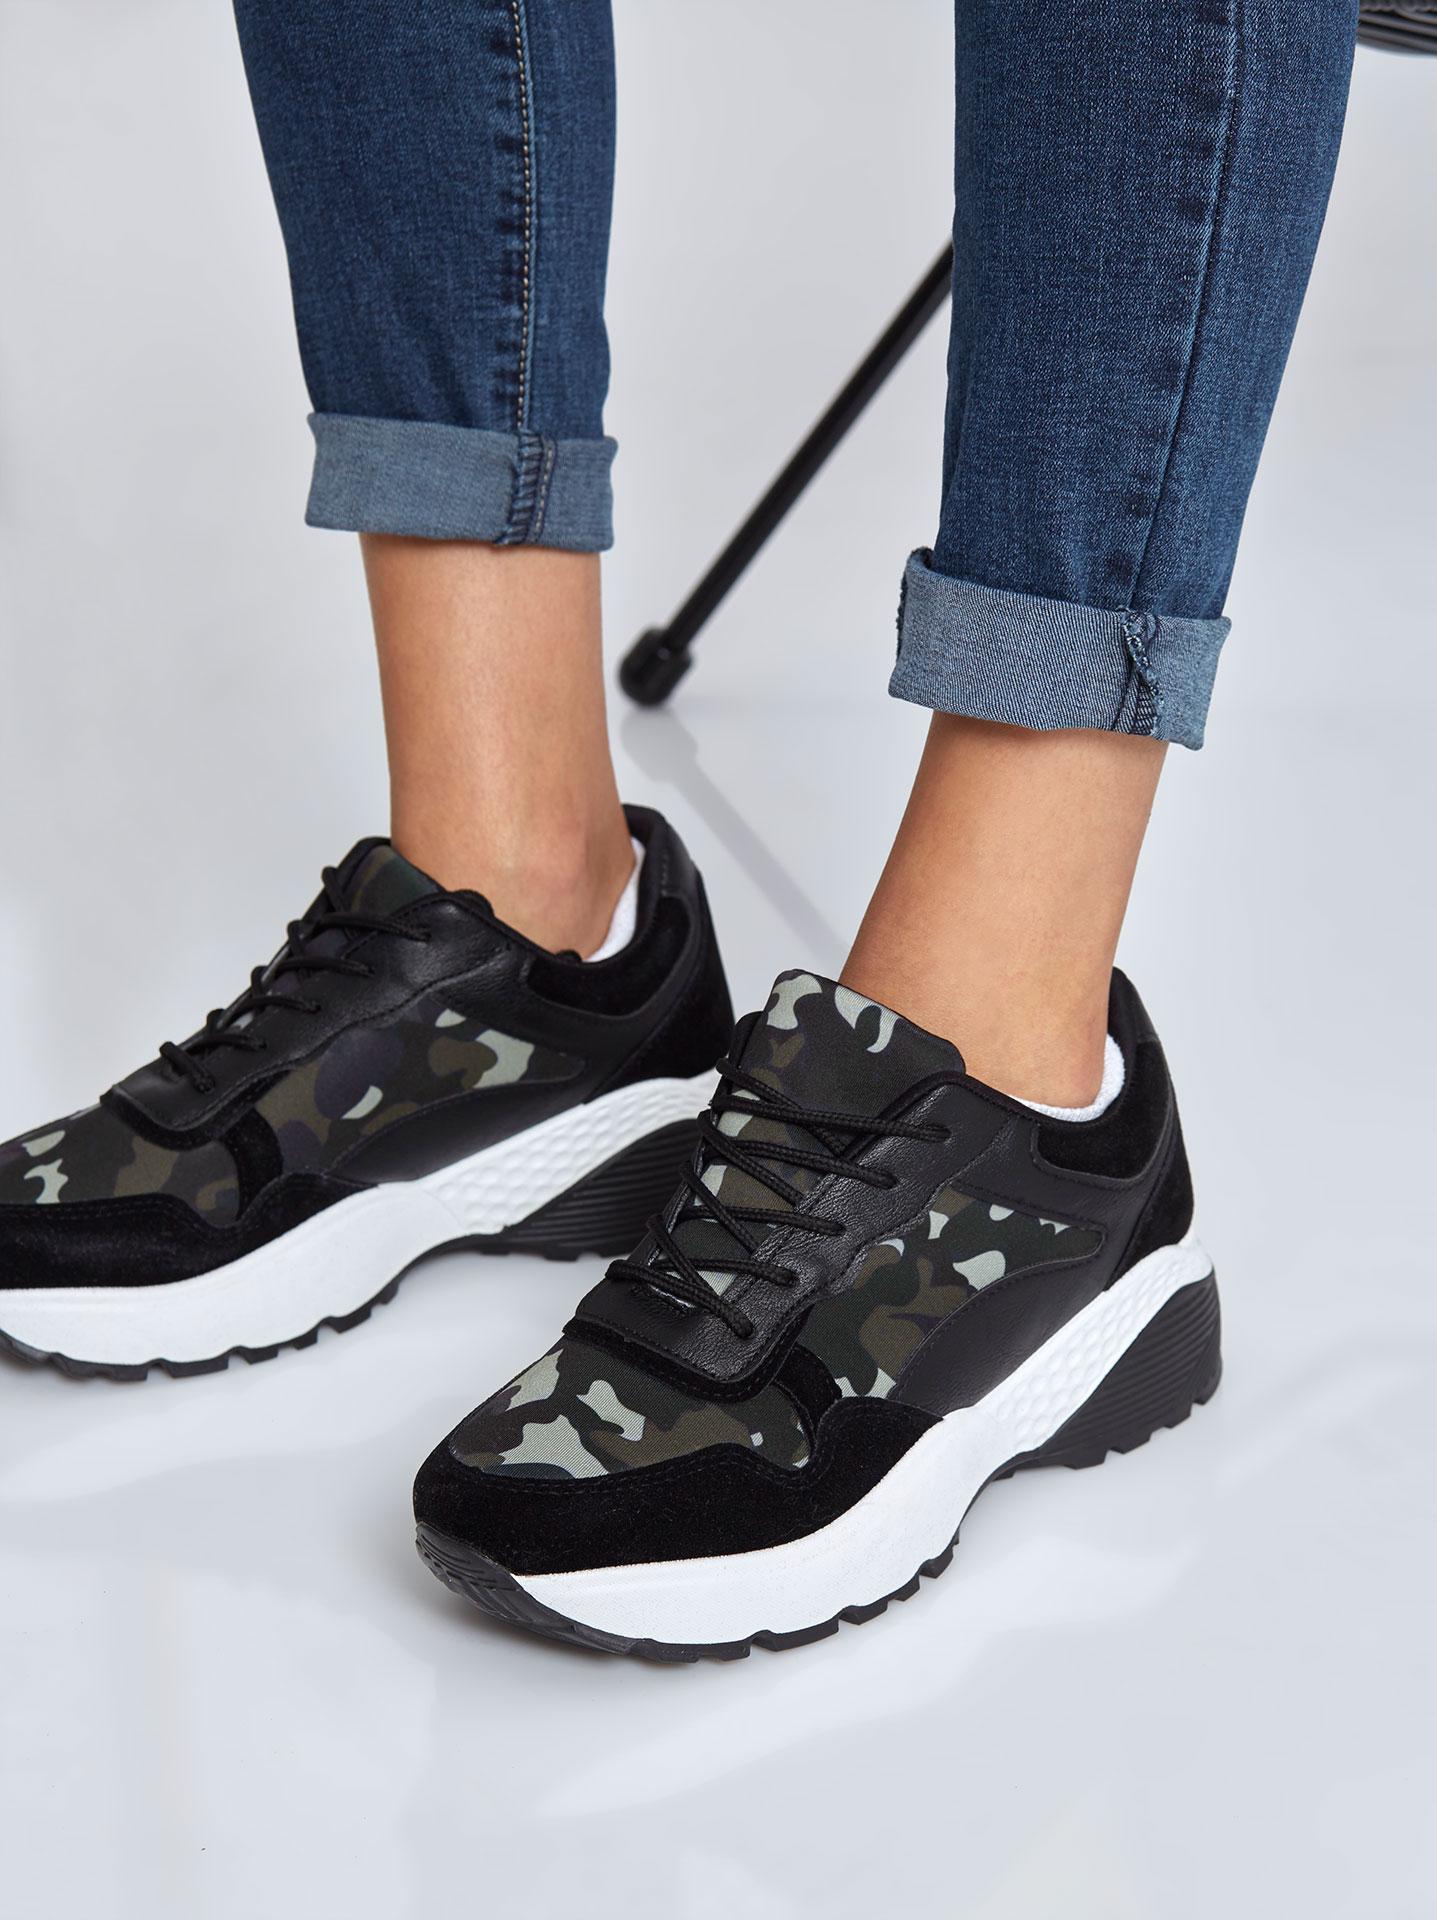 Αθλητικά παπούτσια παραλλαγής σε μαυρο 095d8fee54c